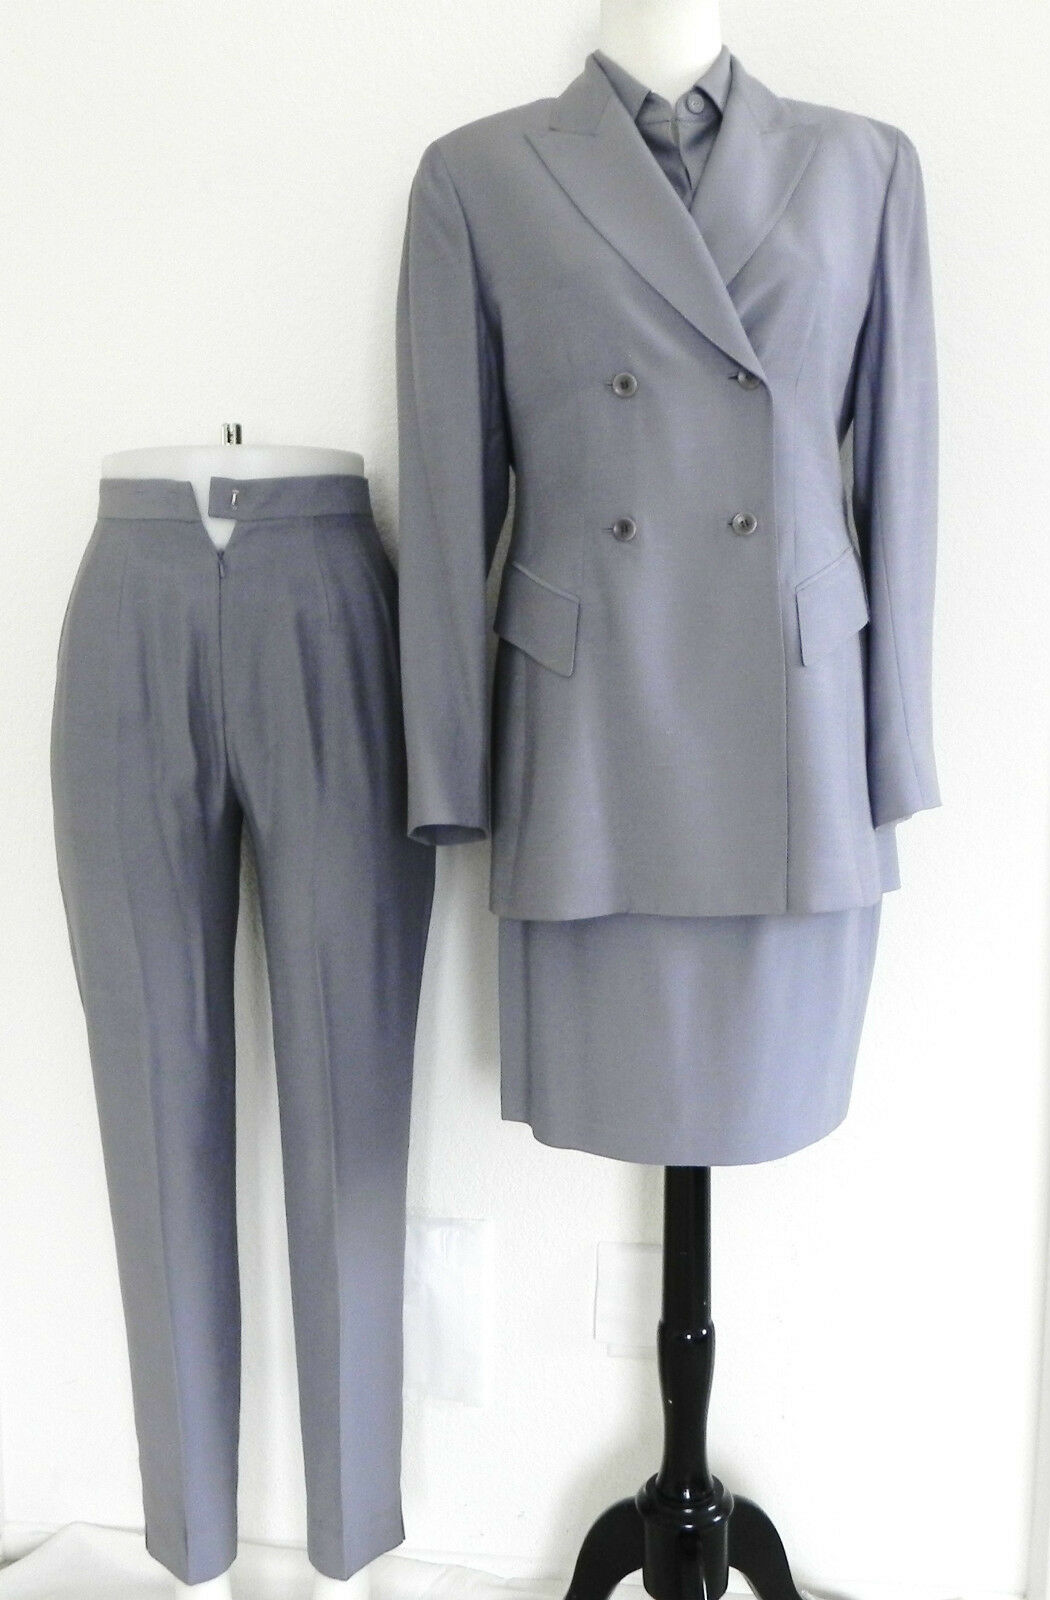 Emanuel Ungaro Suit Blazer Top Pants Skirt 4pc set classic fit Size4 Light Grey